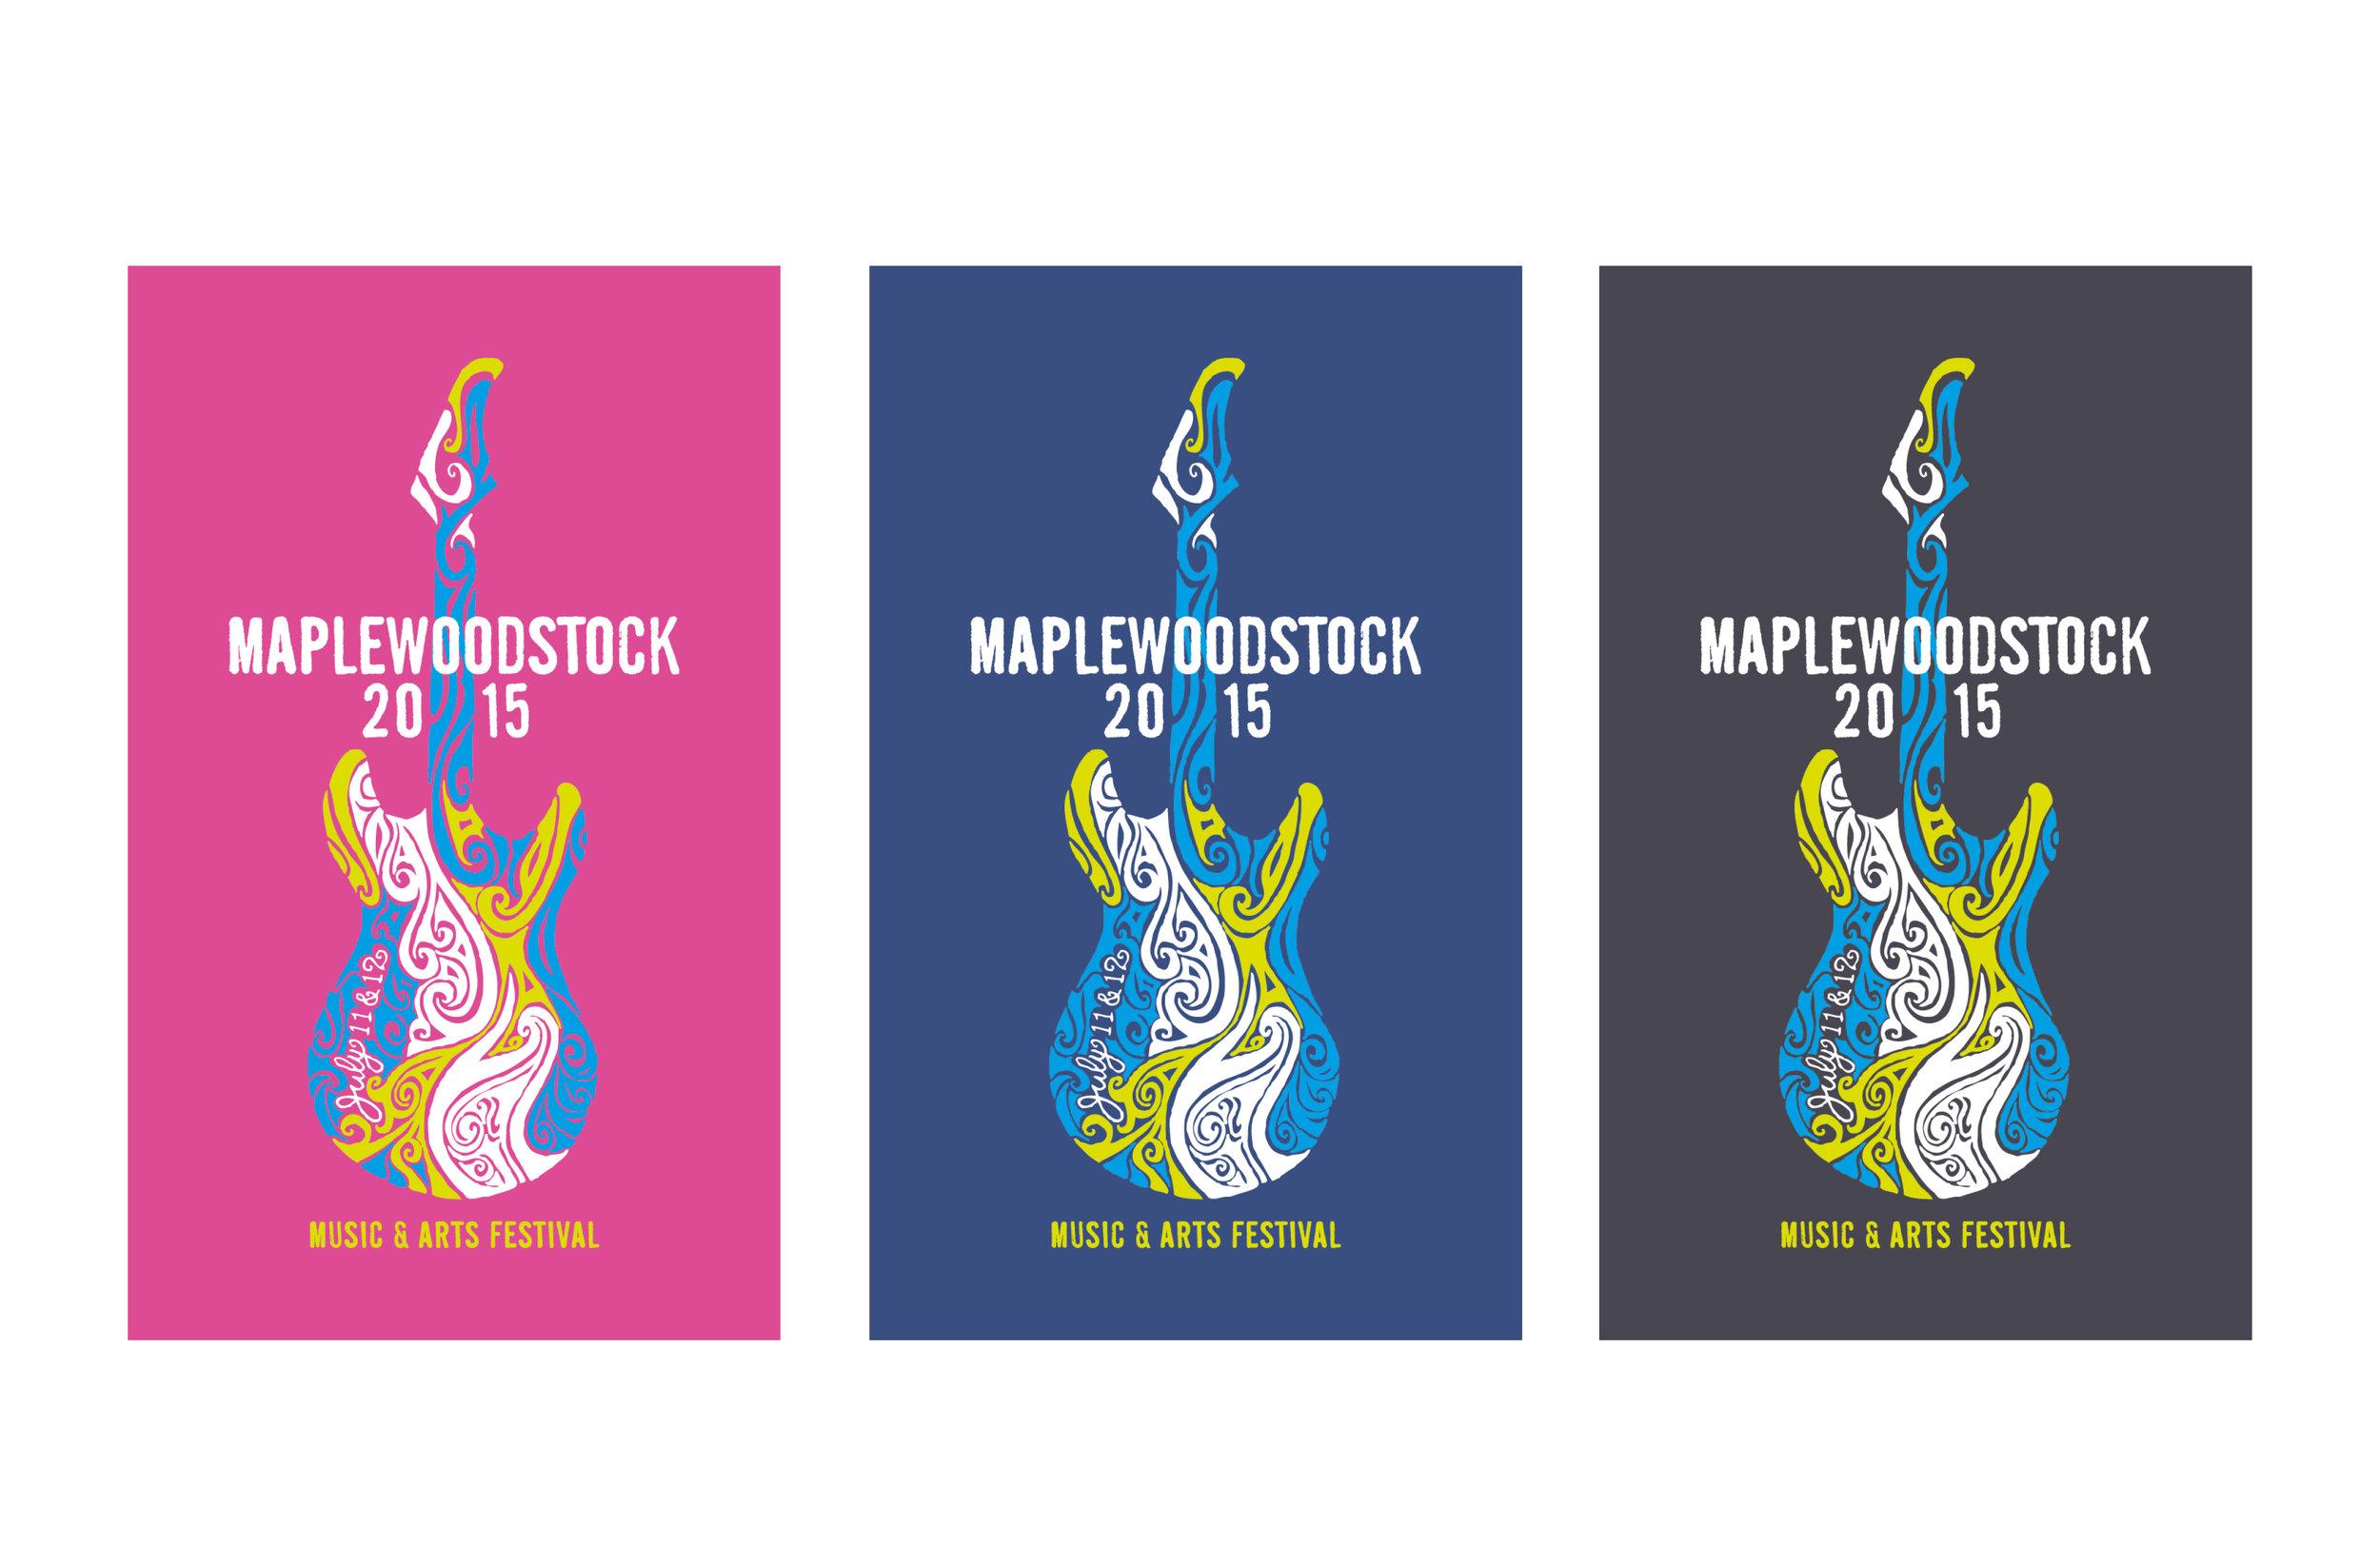 Maplewoodstock_7LayerStudio 23.jpg